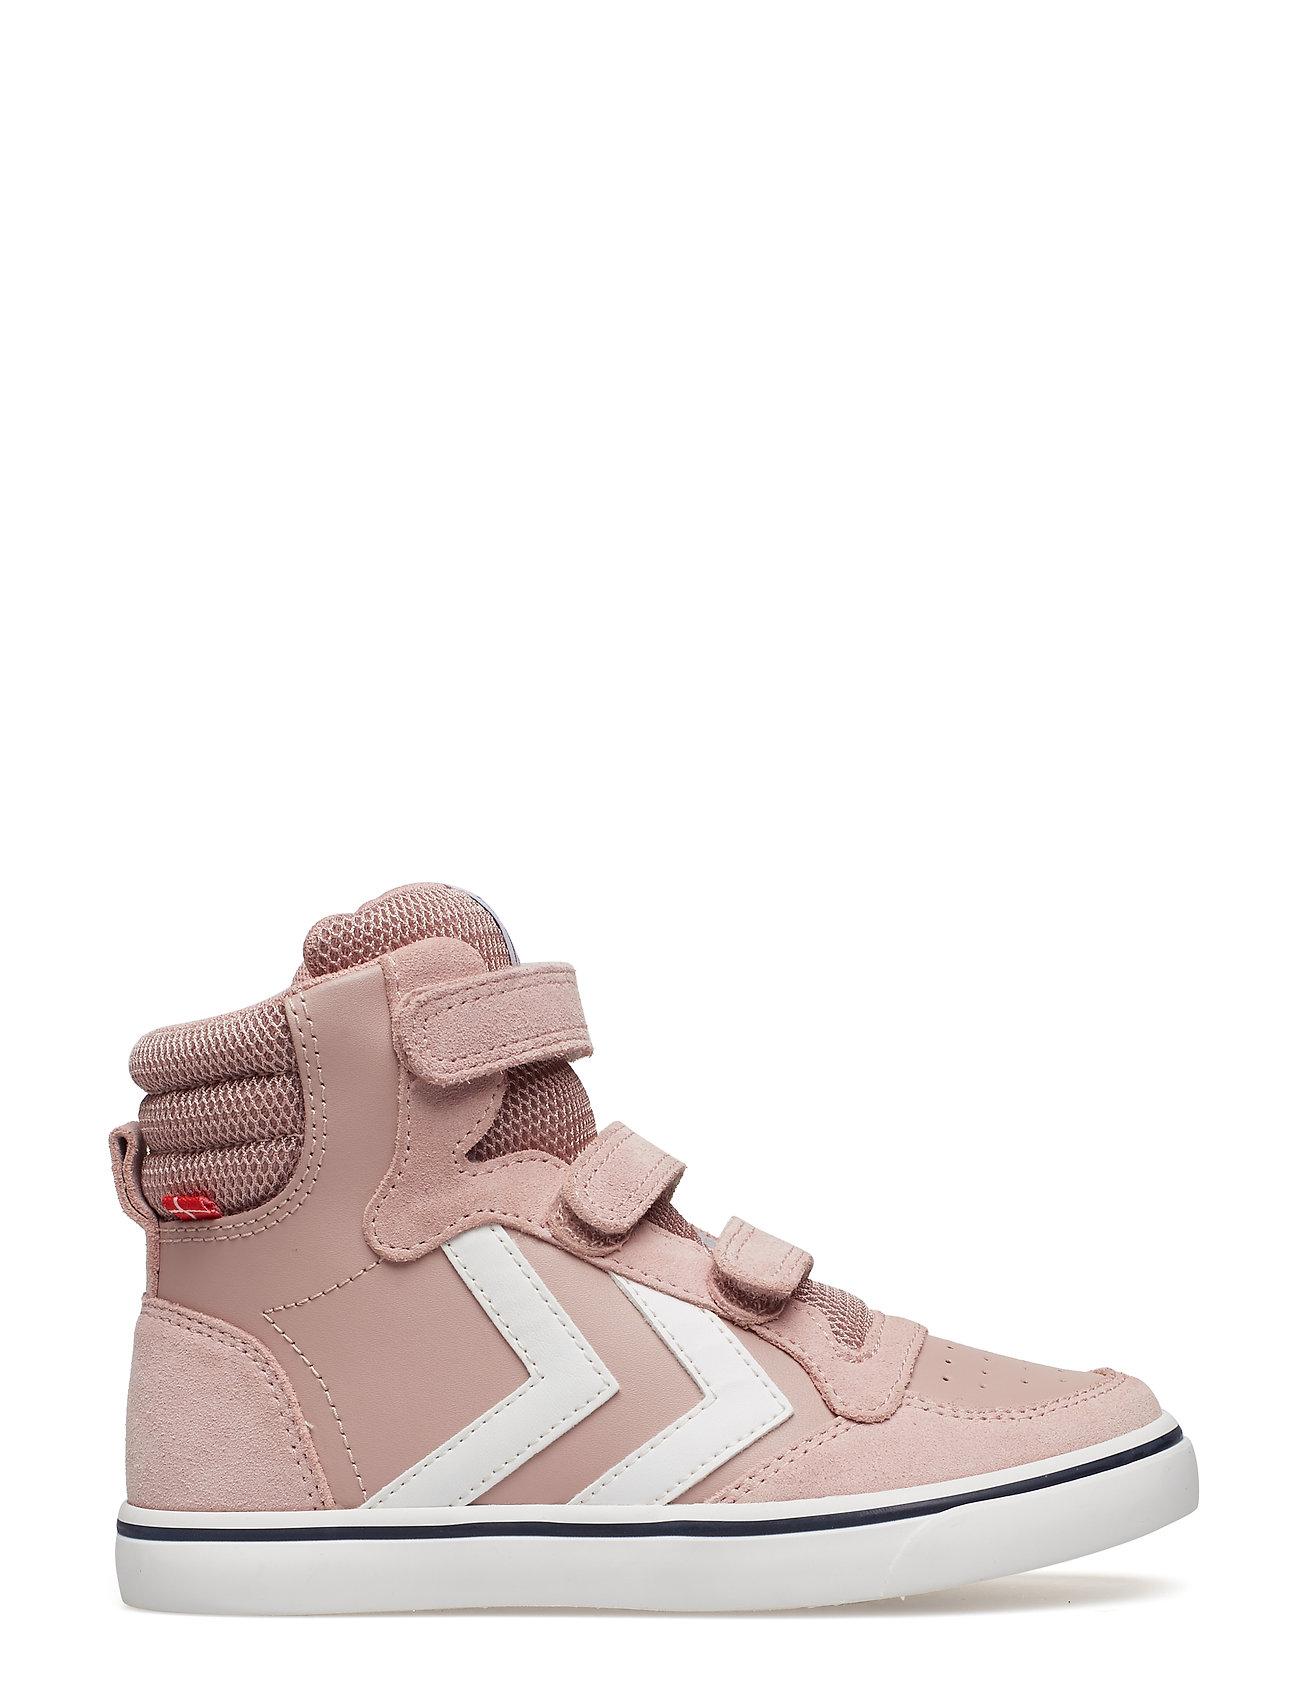 8283dfa379b Stadil Leather High Jr sneakers fra Hummel til børn i BLACK IRIS ...